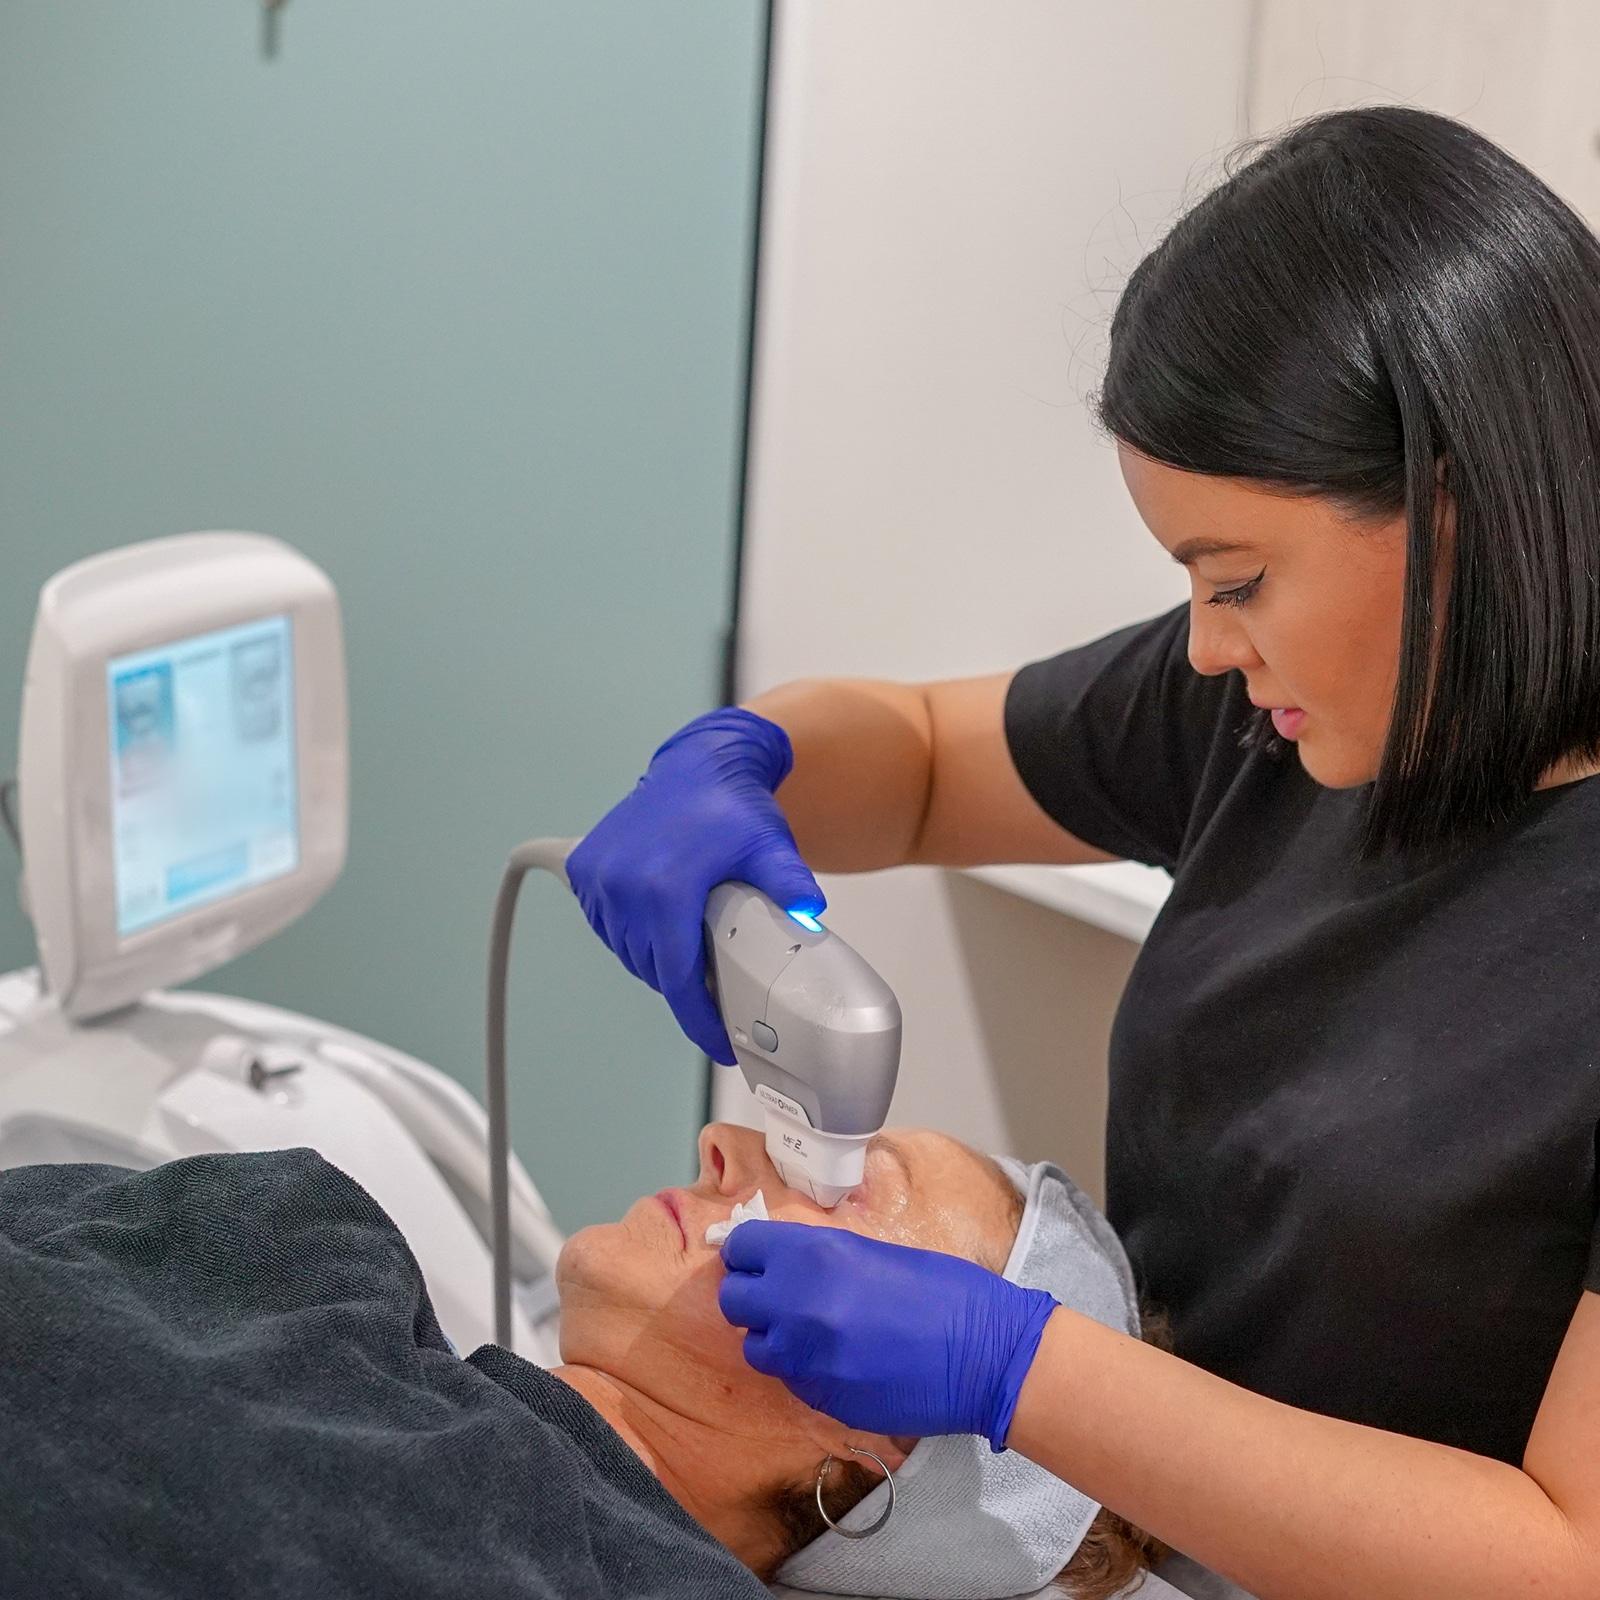 超声波皮肤紧固治疗程序